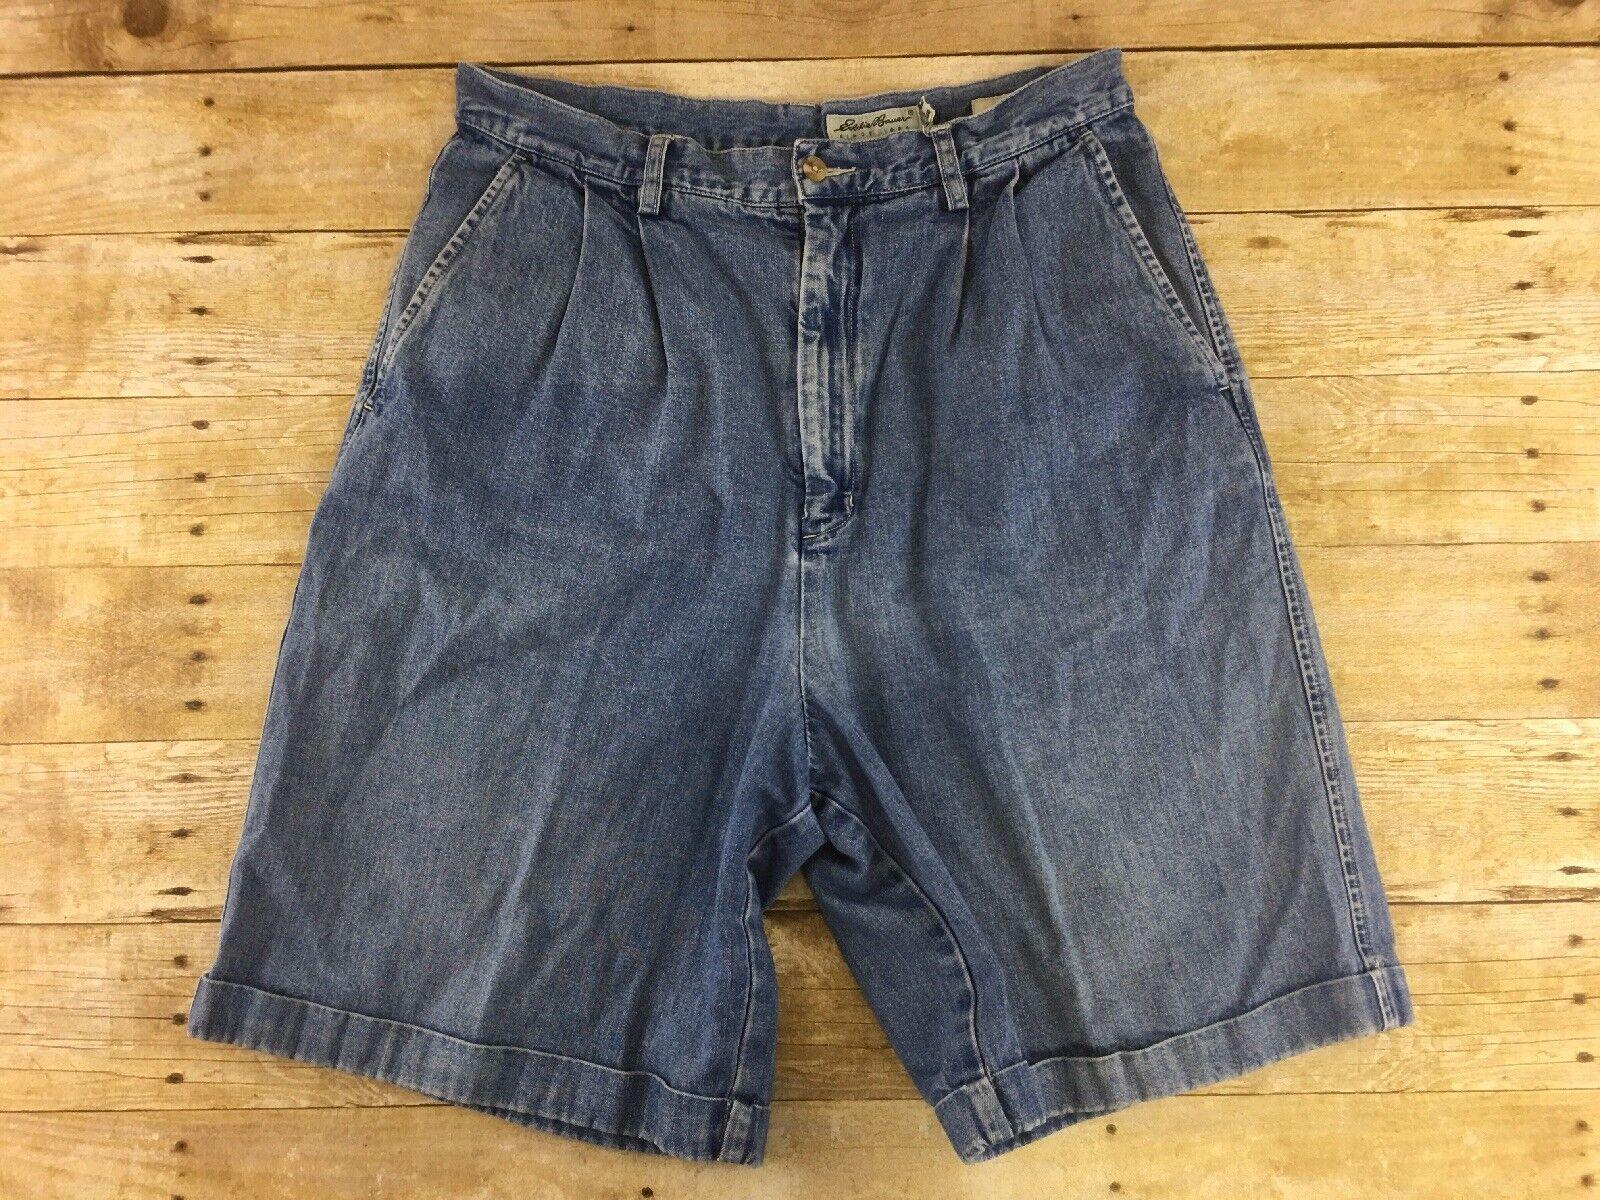 Vtg Eddie Bauer High Waist Jean Shorts Women 16 Denim Pleated Cuffed Mom 80s 90s